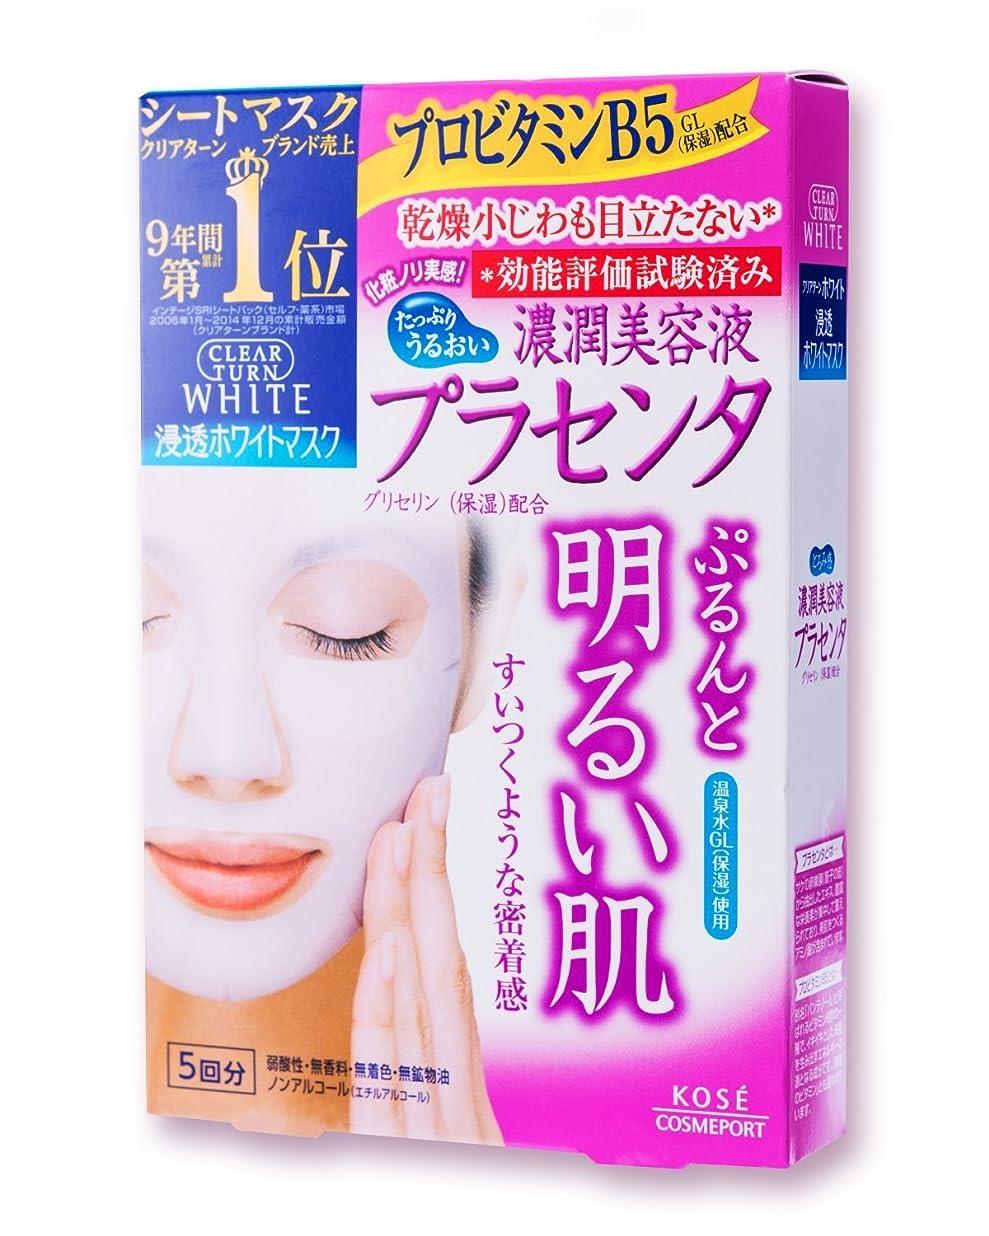 悲しいことにスパイラルリラックスした【Amazon.co.jp限定】KOSE コーセー クリアターン ホワイト マスク (プラセンタ) 5枚 リーフレット付 フェイスマスク